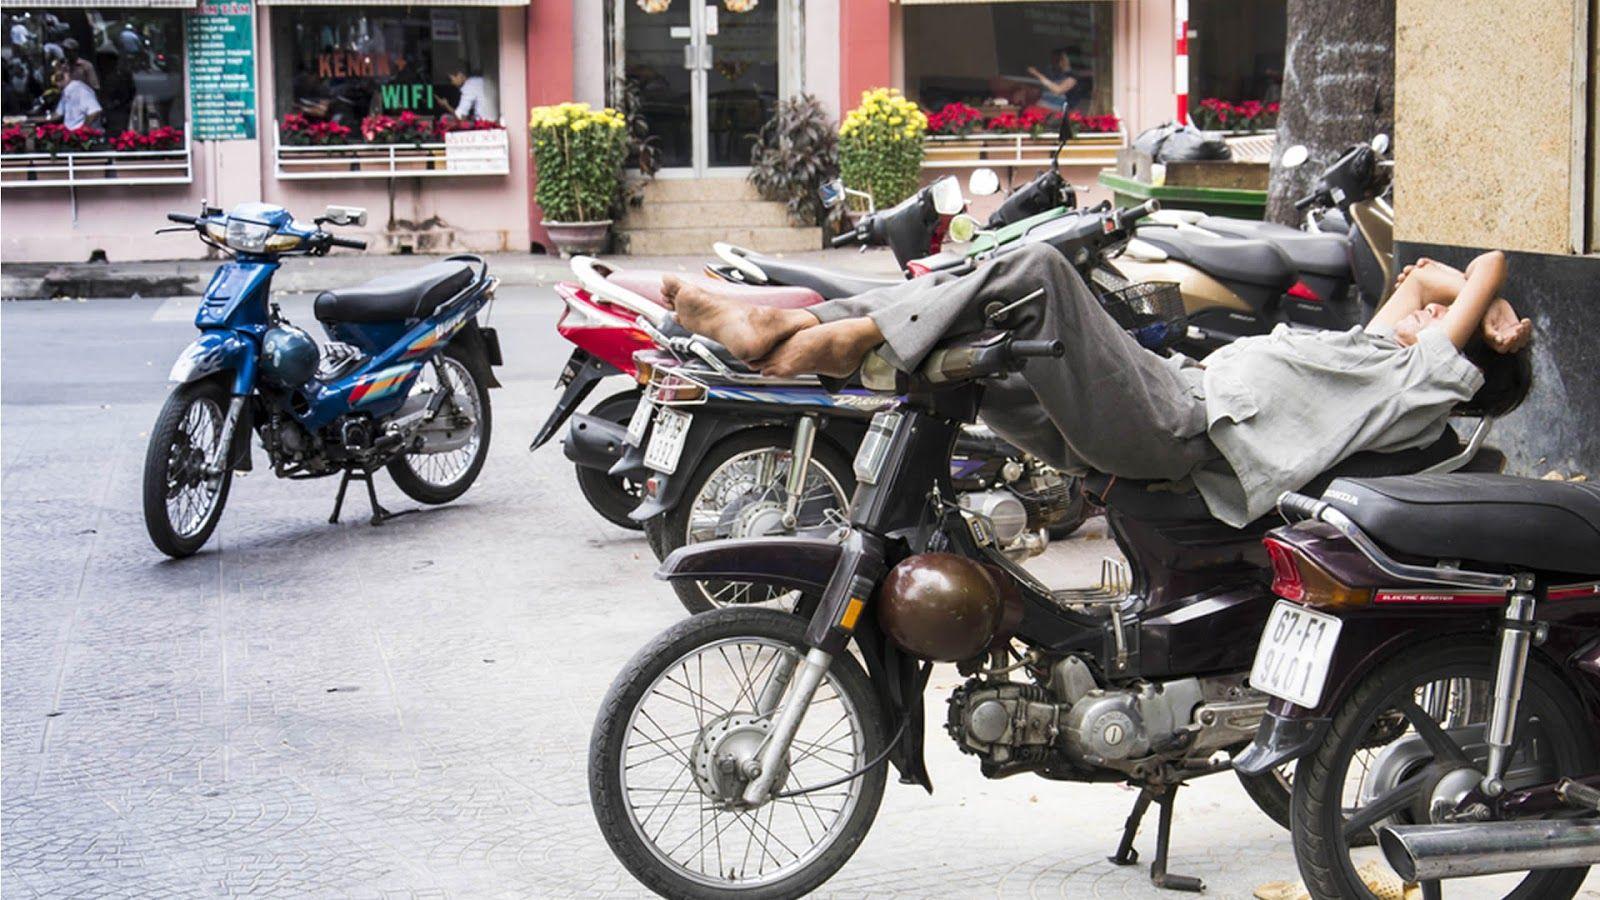 Rust, eet en drink tijdens een lange reis | Nieuws